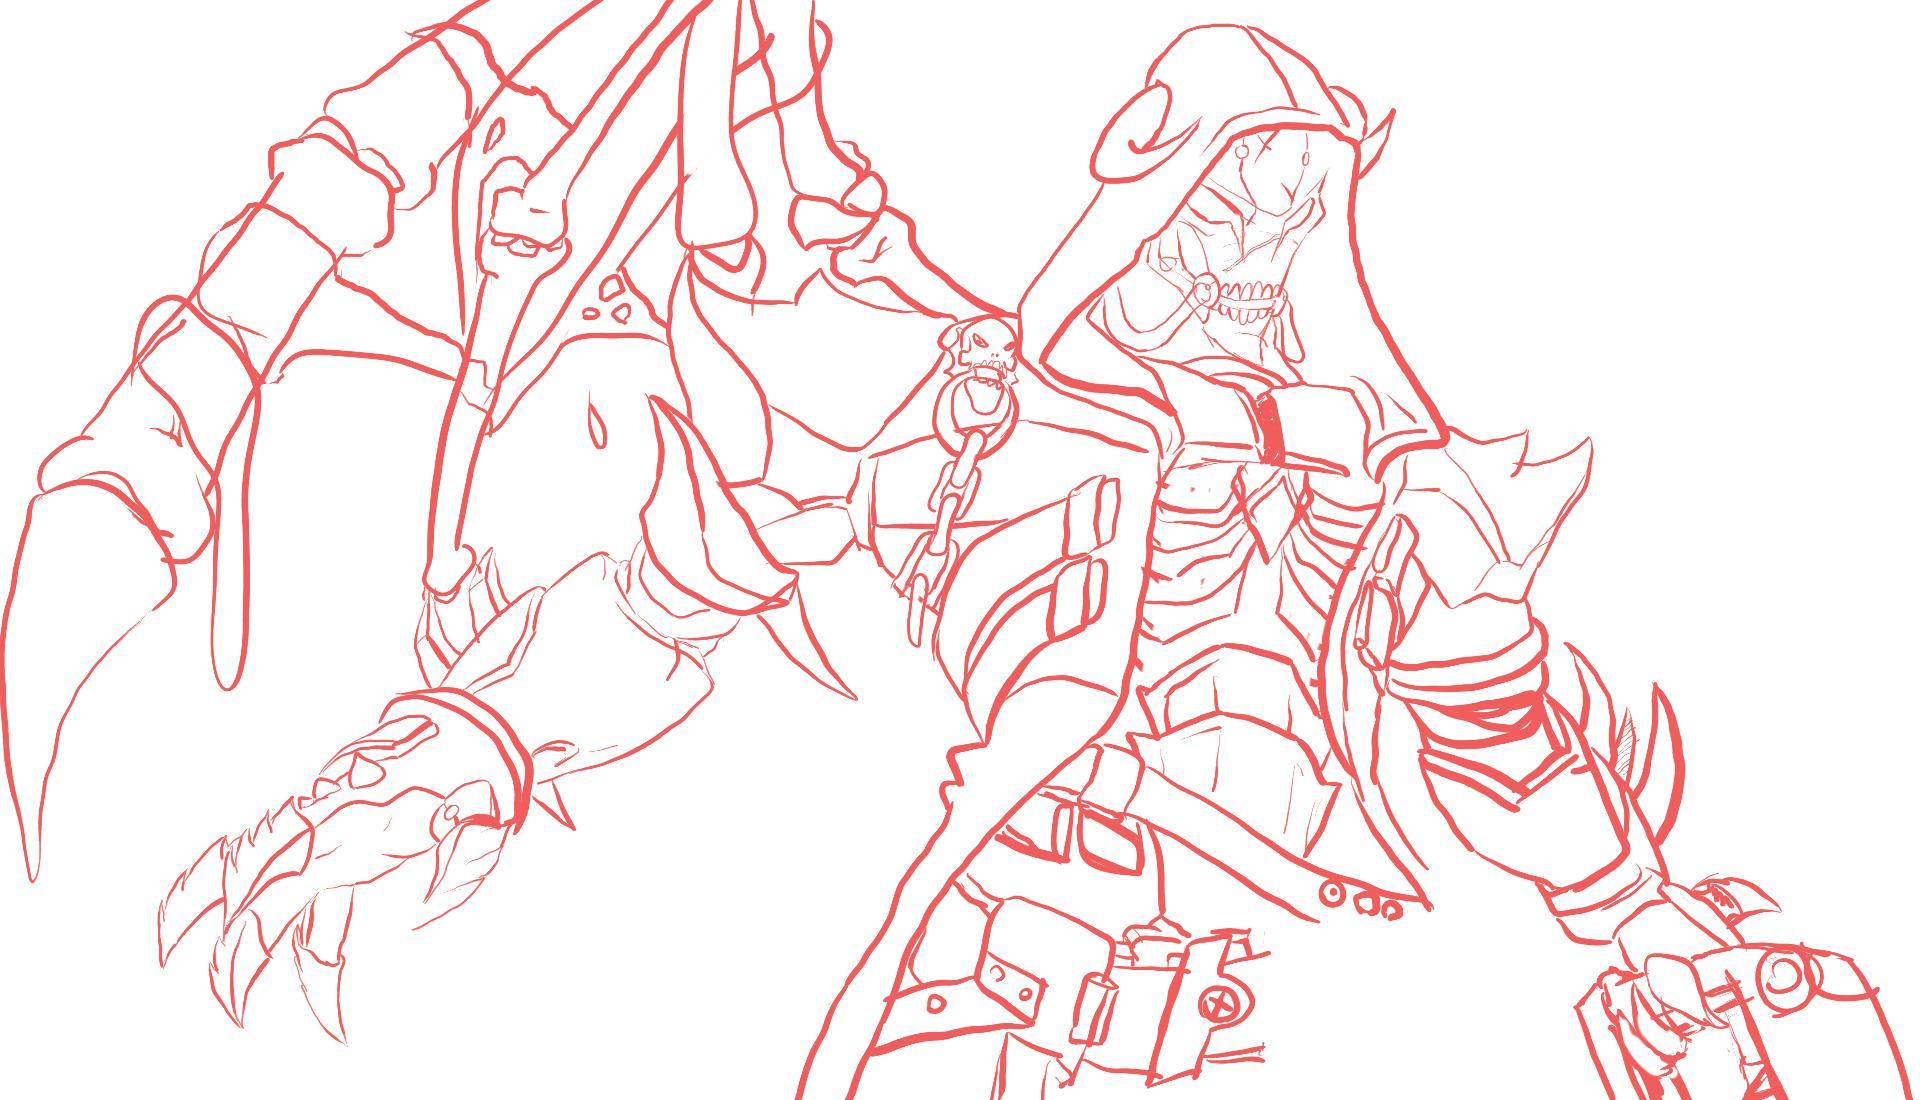 lvl 99 reaper in progress